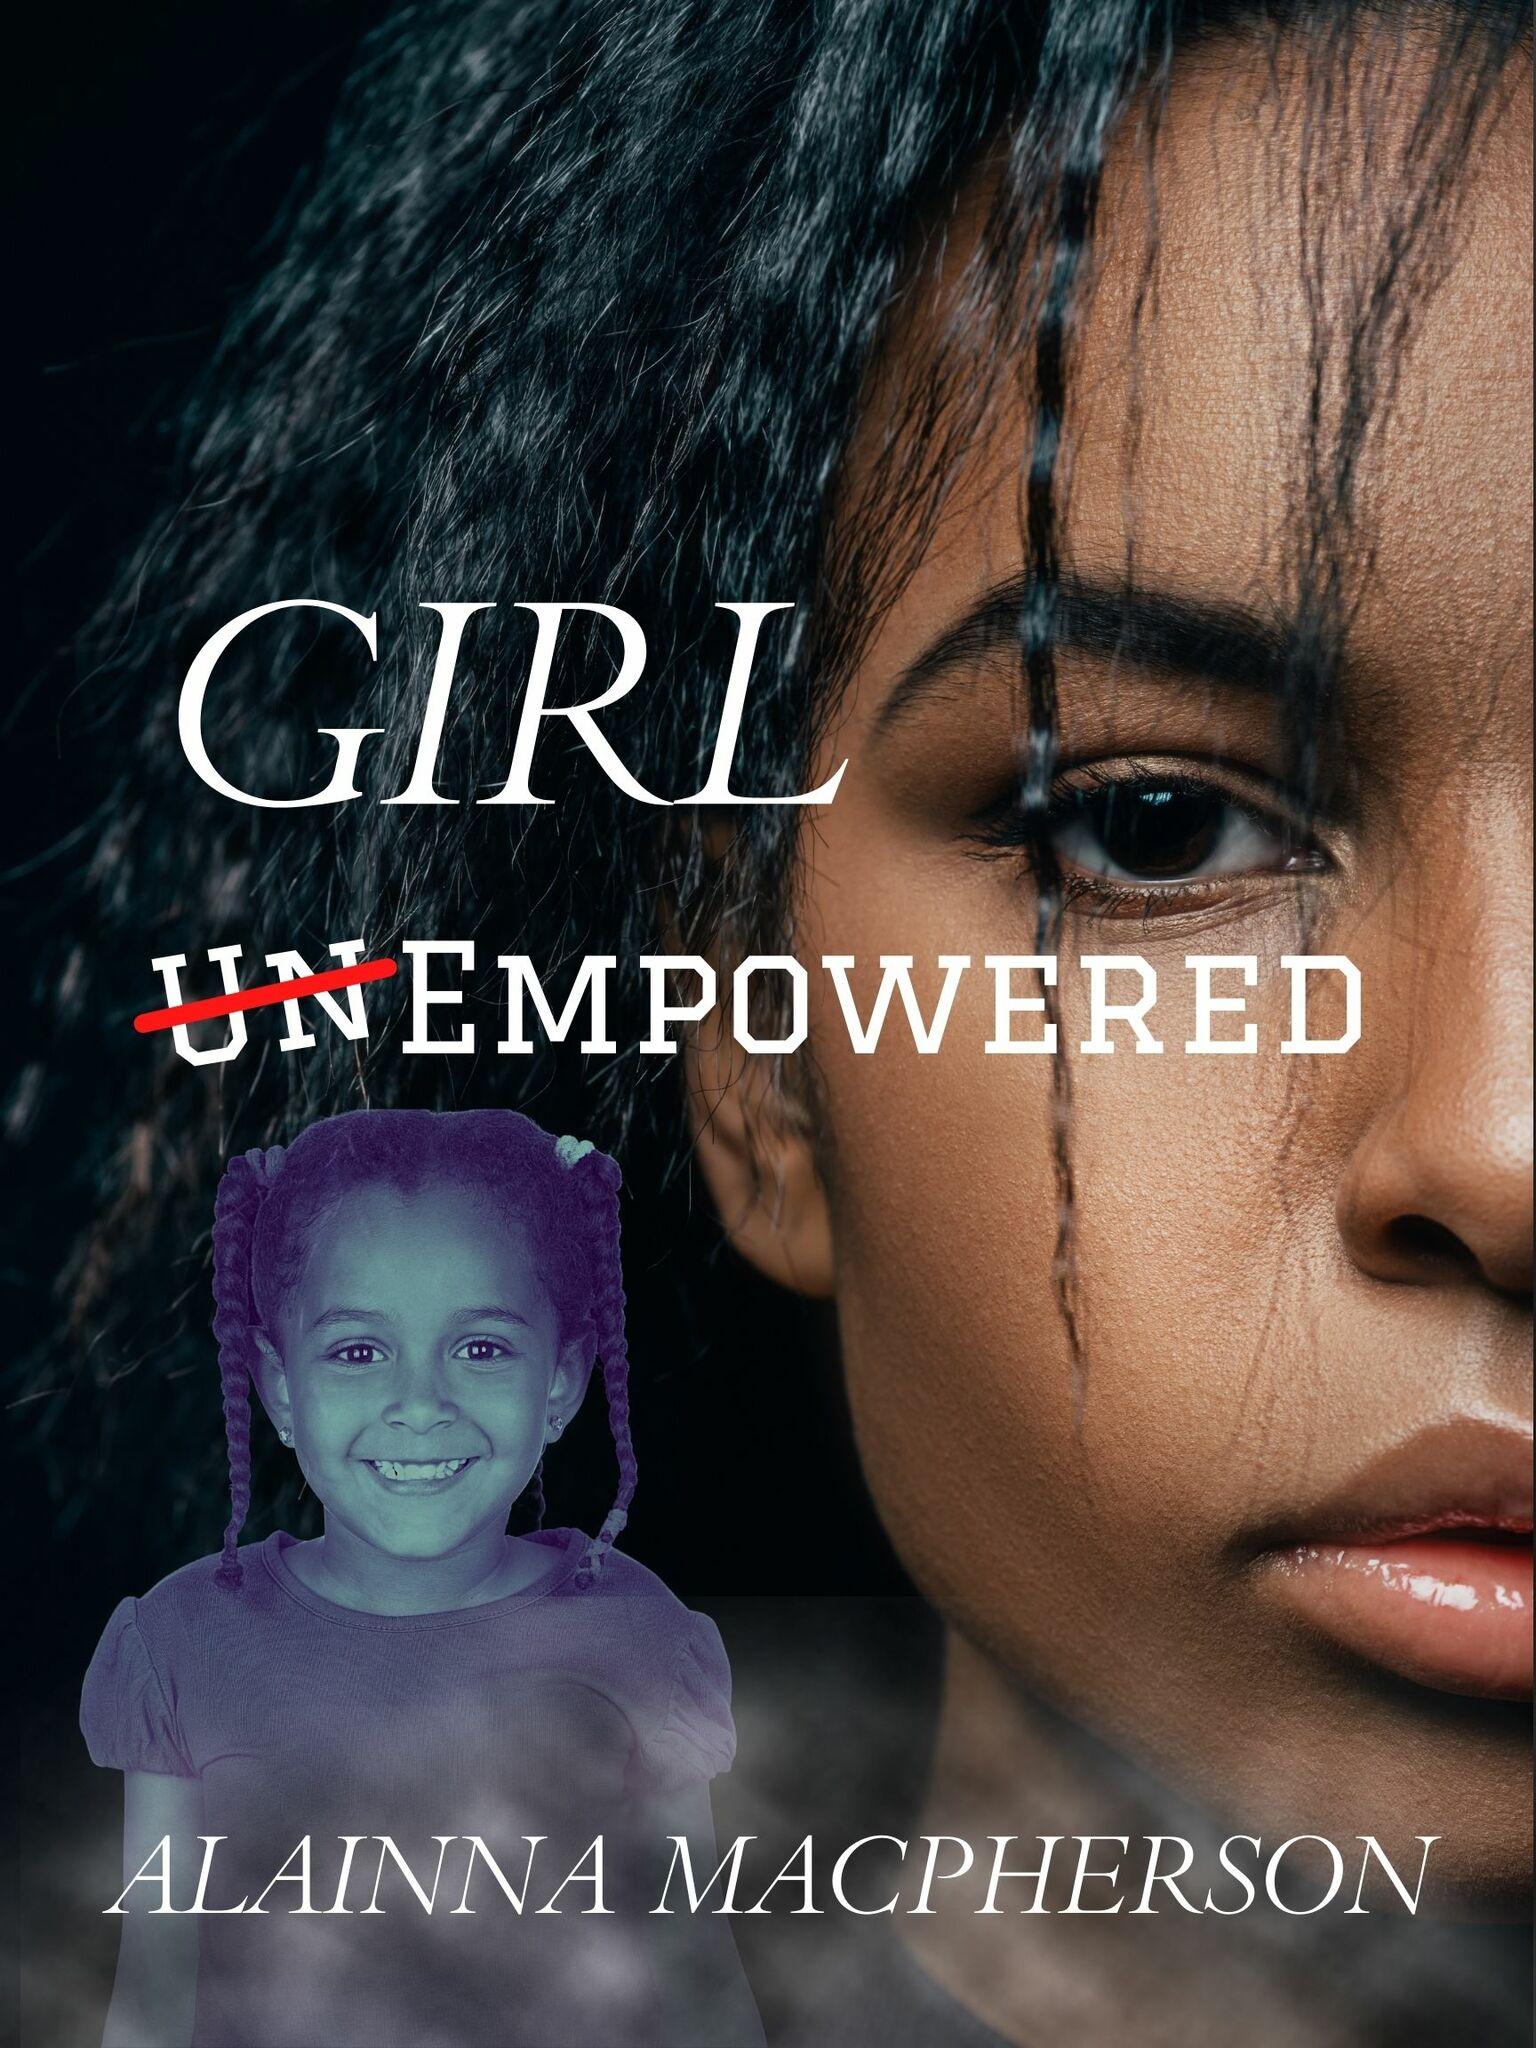 GIRL UNEMPOWERED